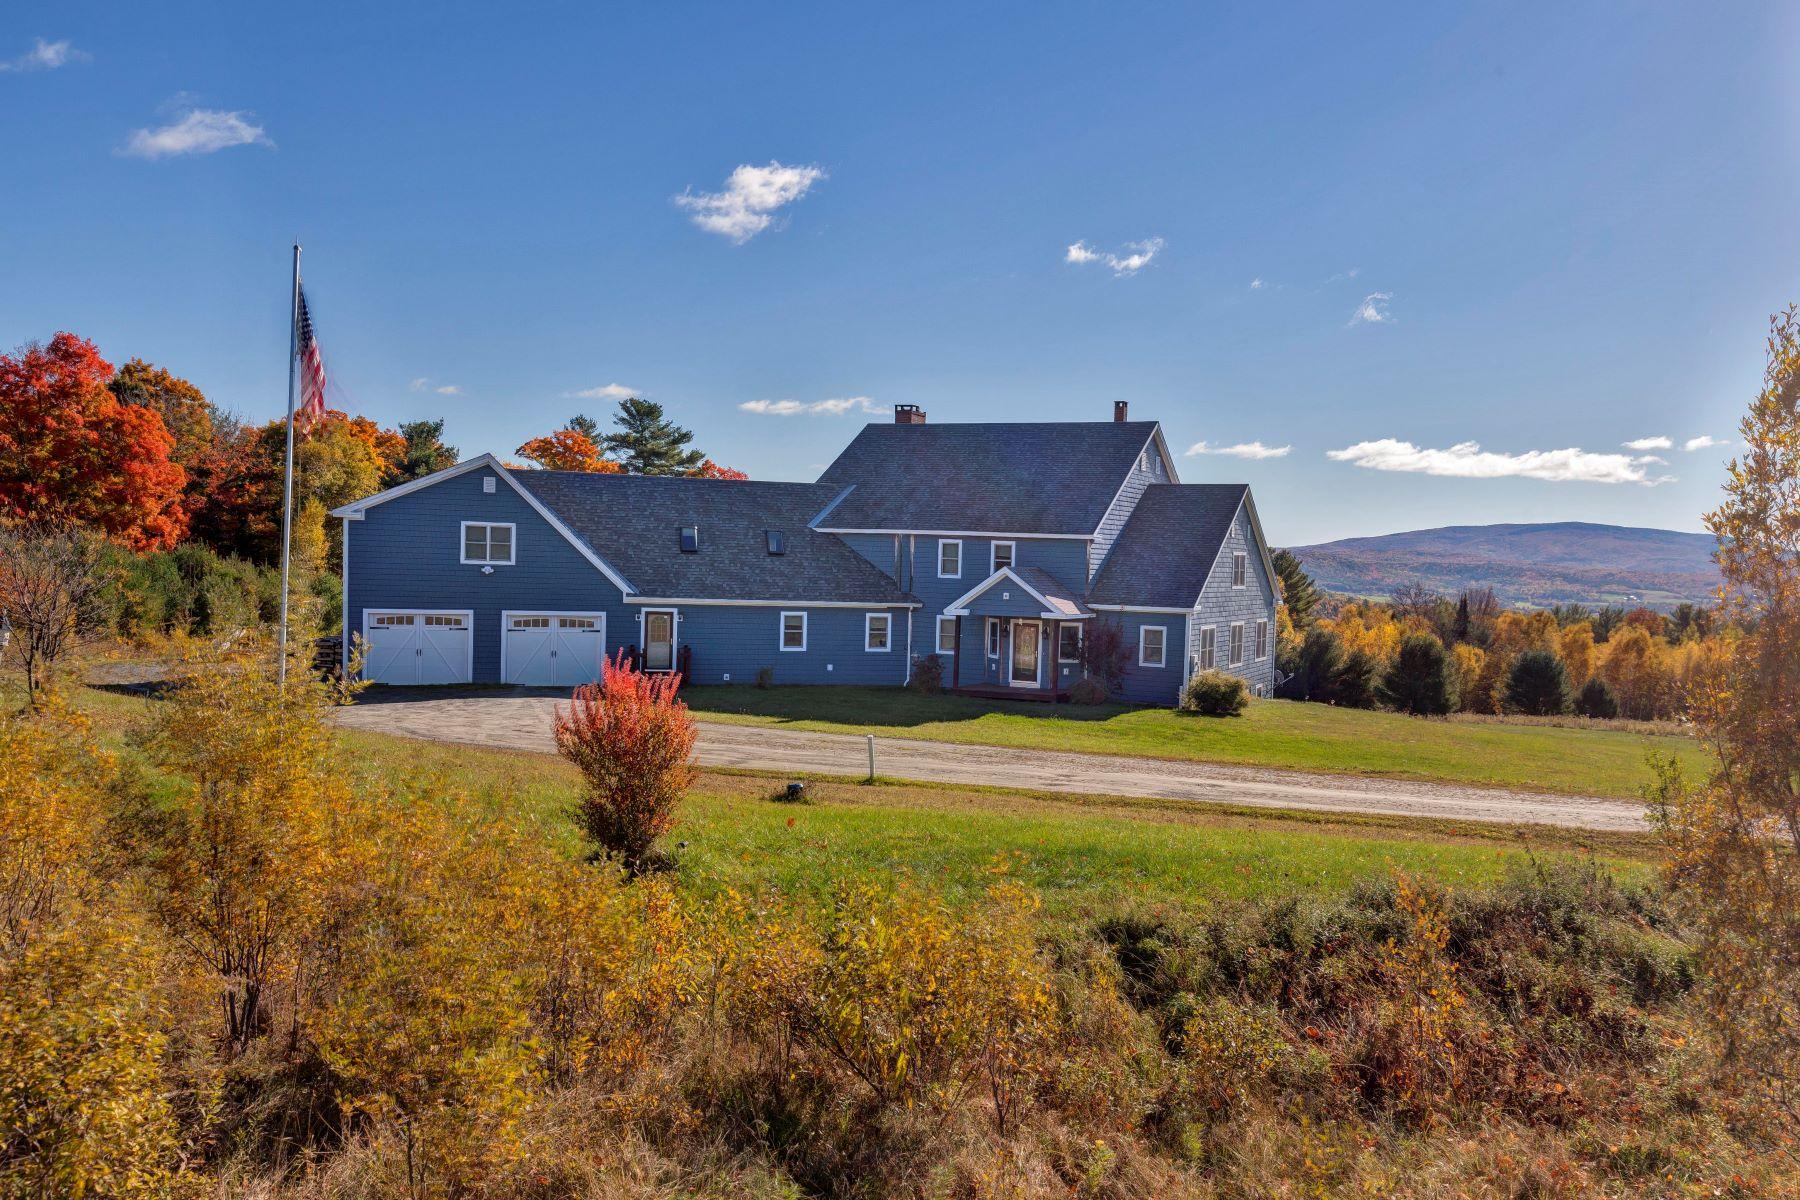 獨棟家庭住宅 為 出售 在 1235 Rogers Hill Road, Newbury 1235 Rogers Hill Rd Newbury, 佛蒙特州, 05051 美國